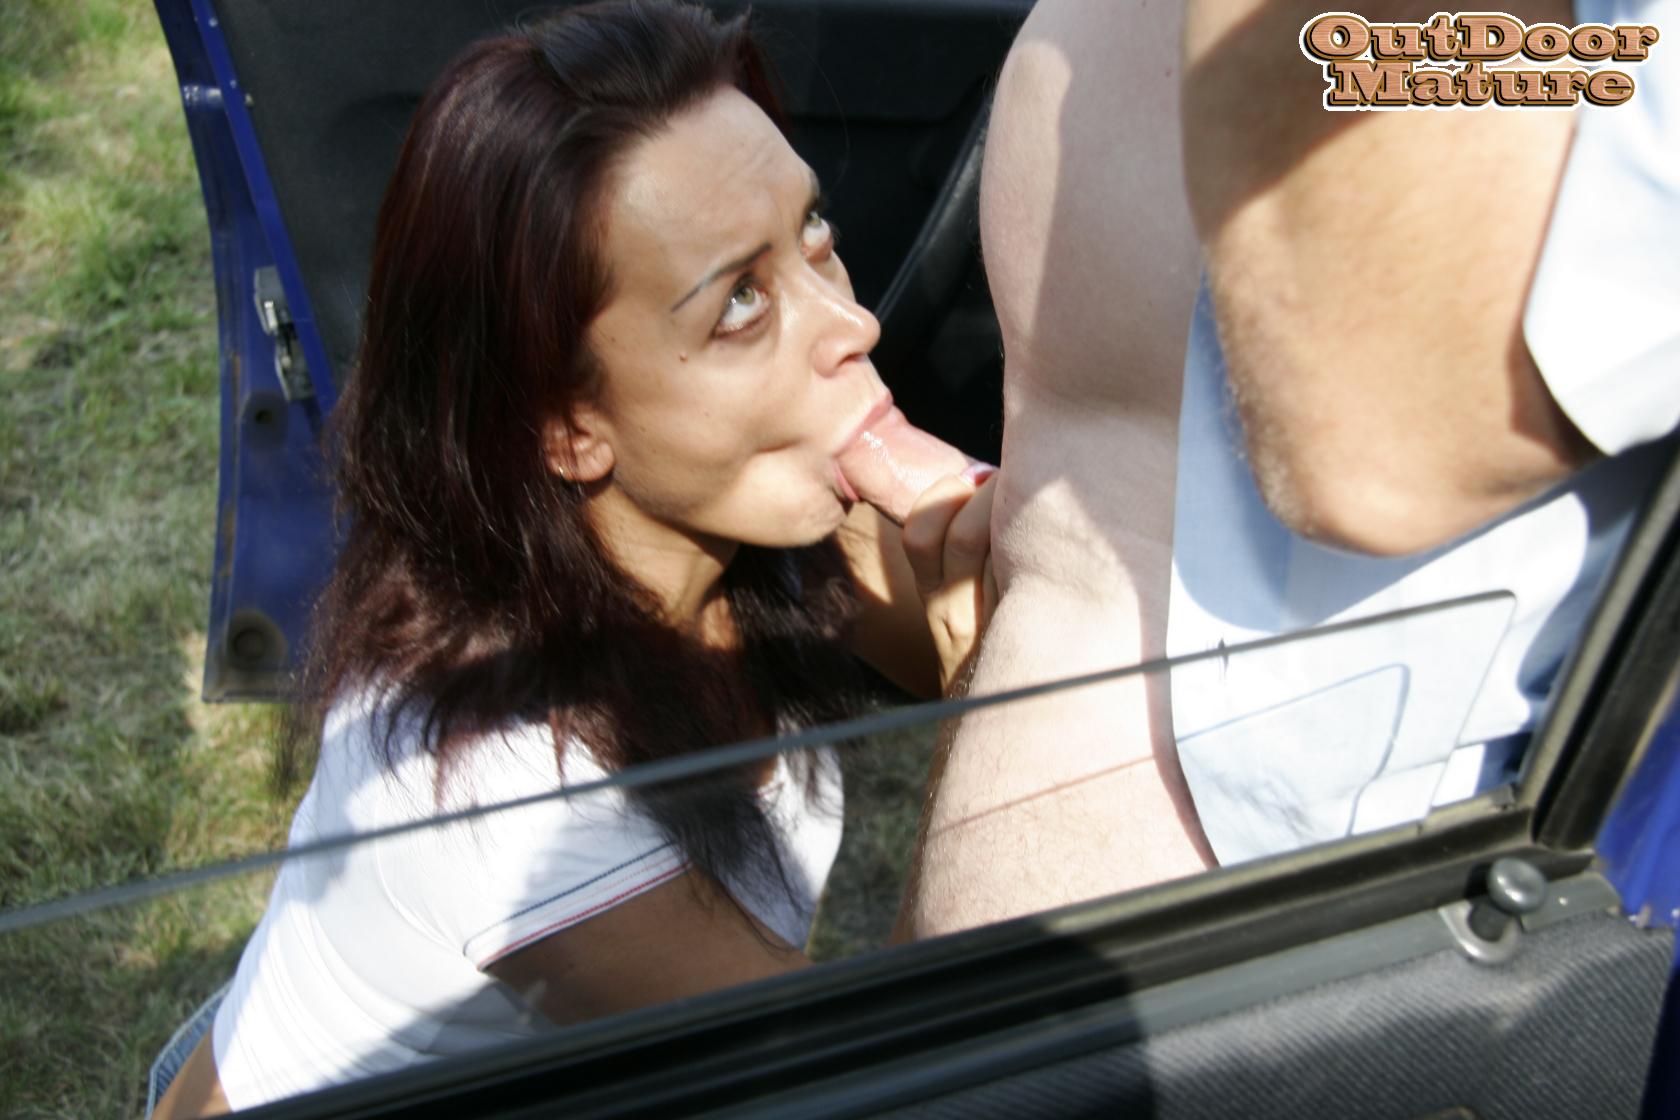 Mature Blowjob in the Car Pics